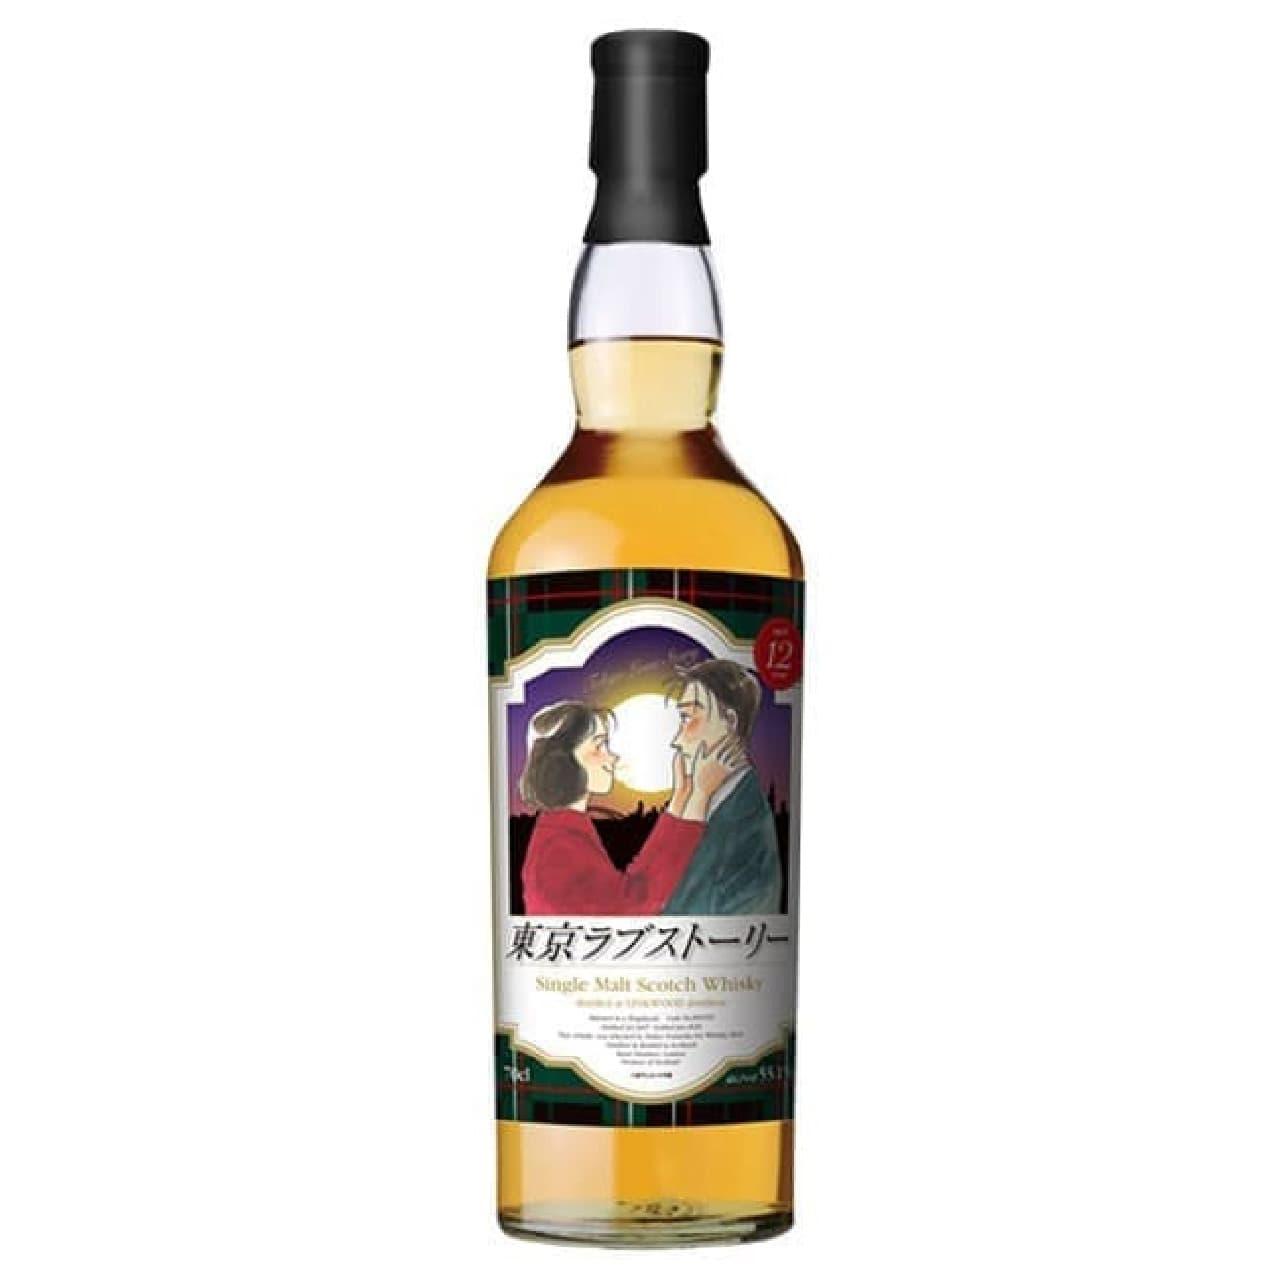 「東京ラブストーリー」ラベルのウイスキー数量限定